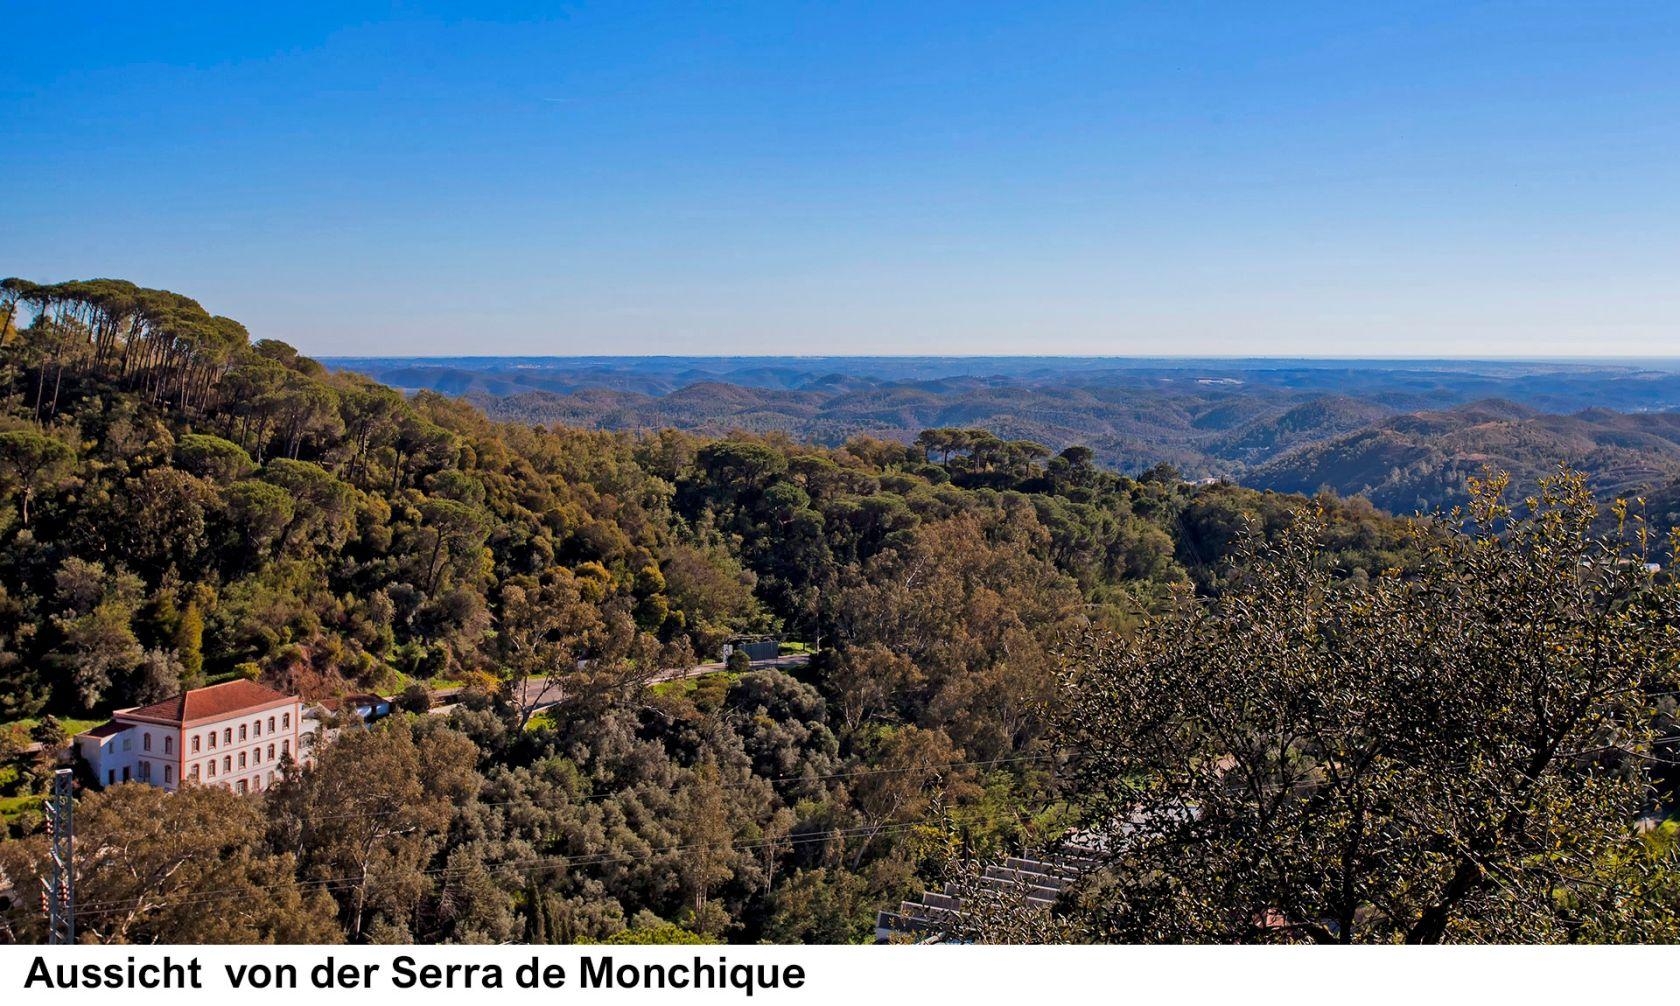 Aussichtvon der Serra de Monchique